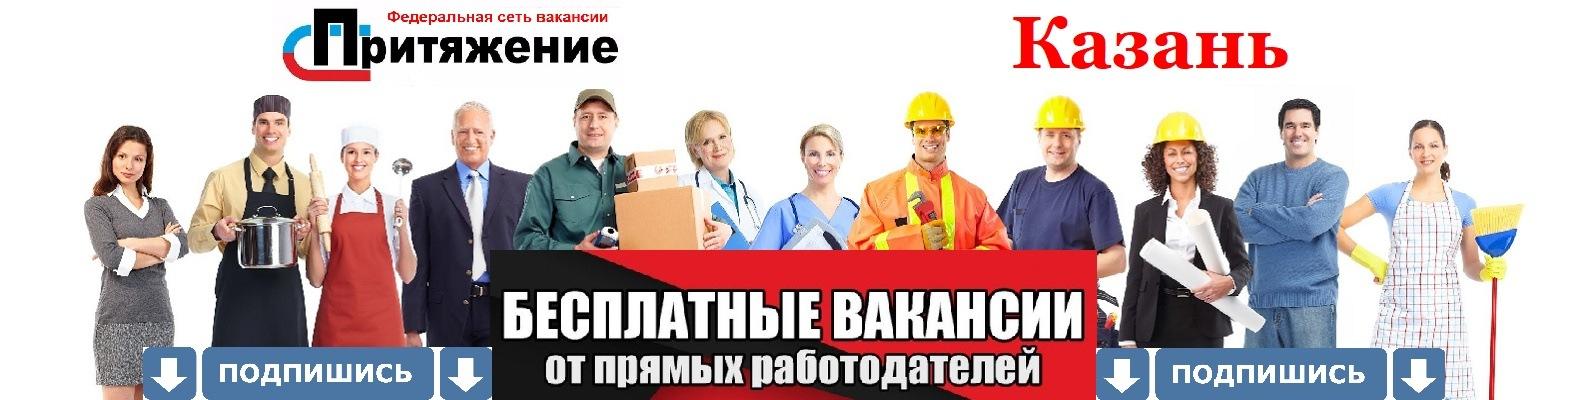 Магазин часов в Казани (в ТРК «Тандем»)